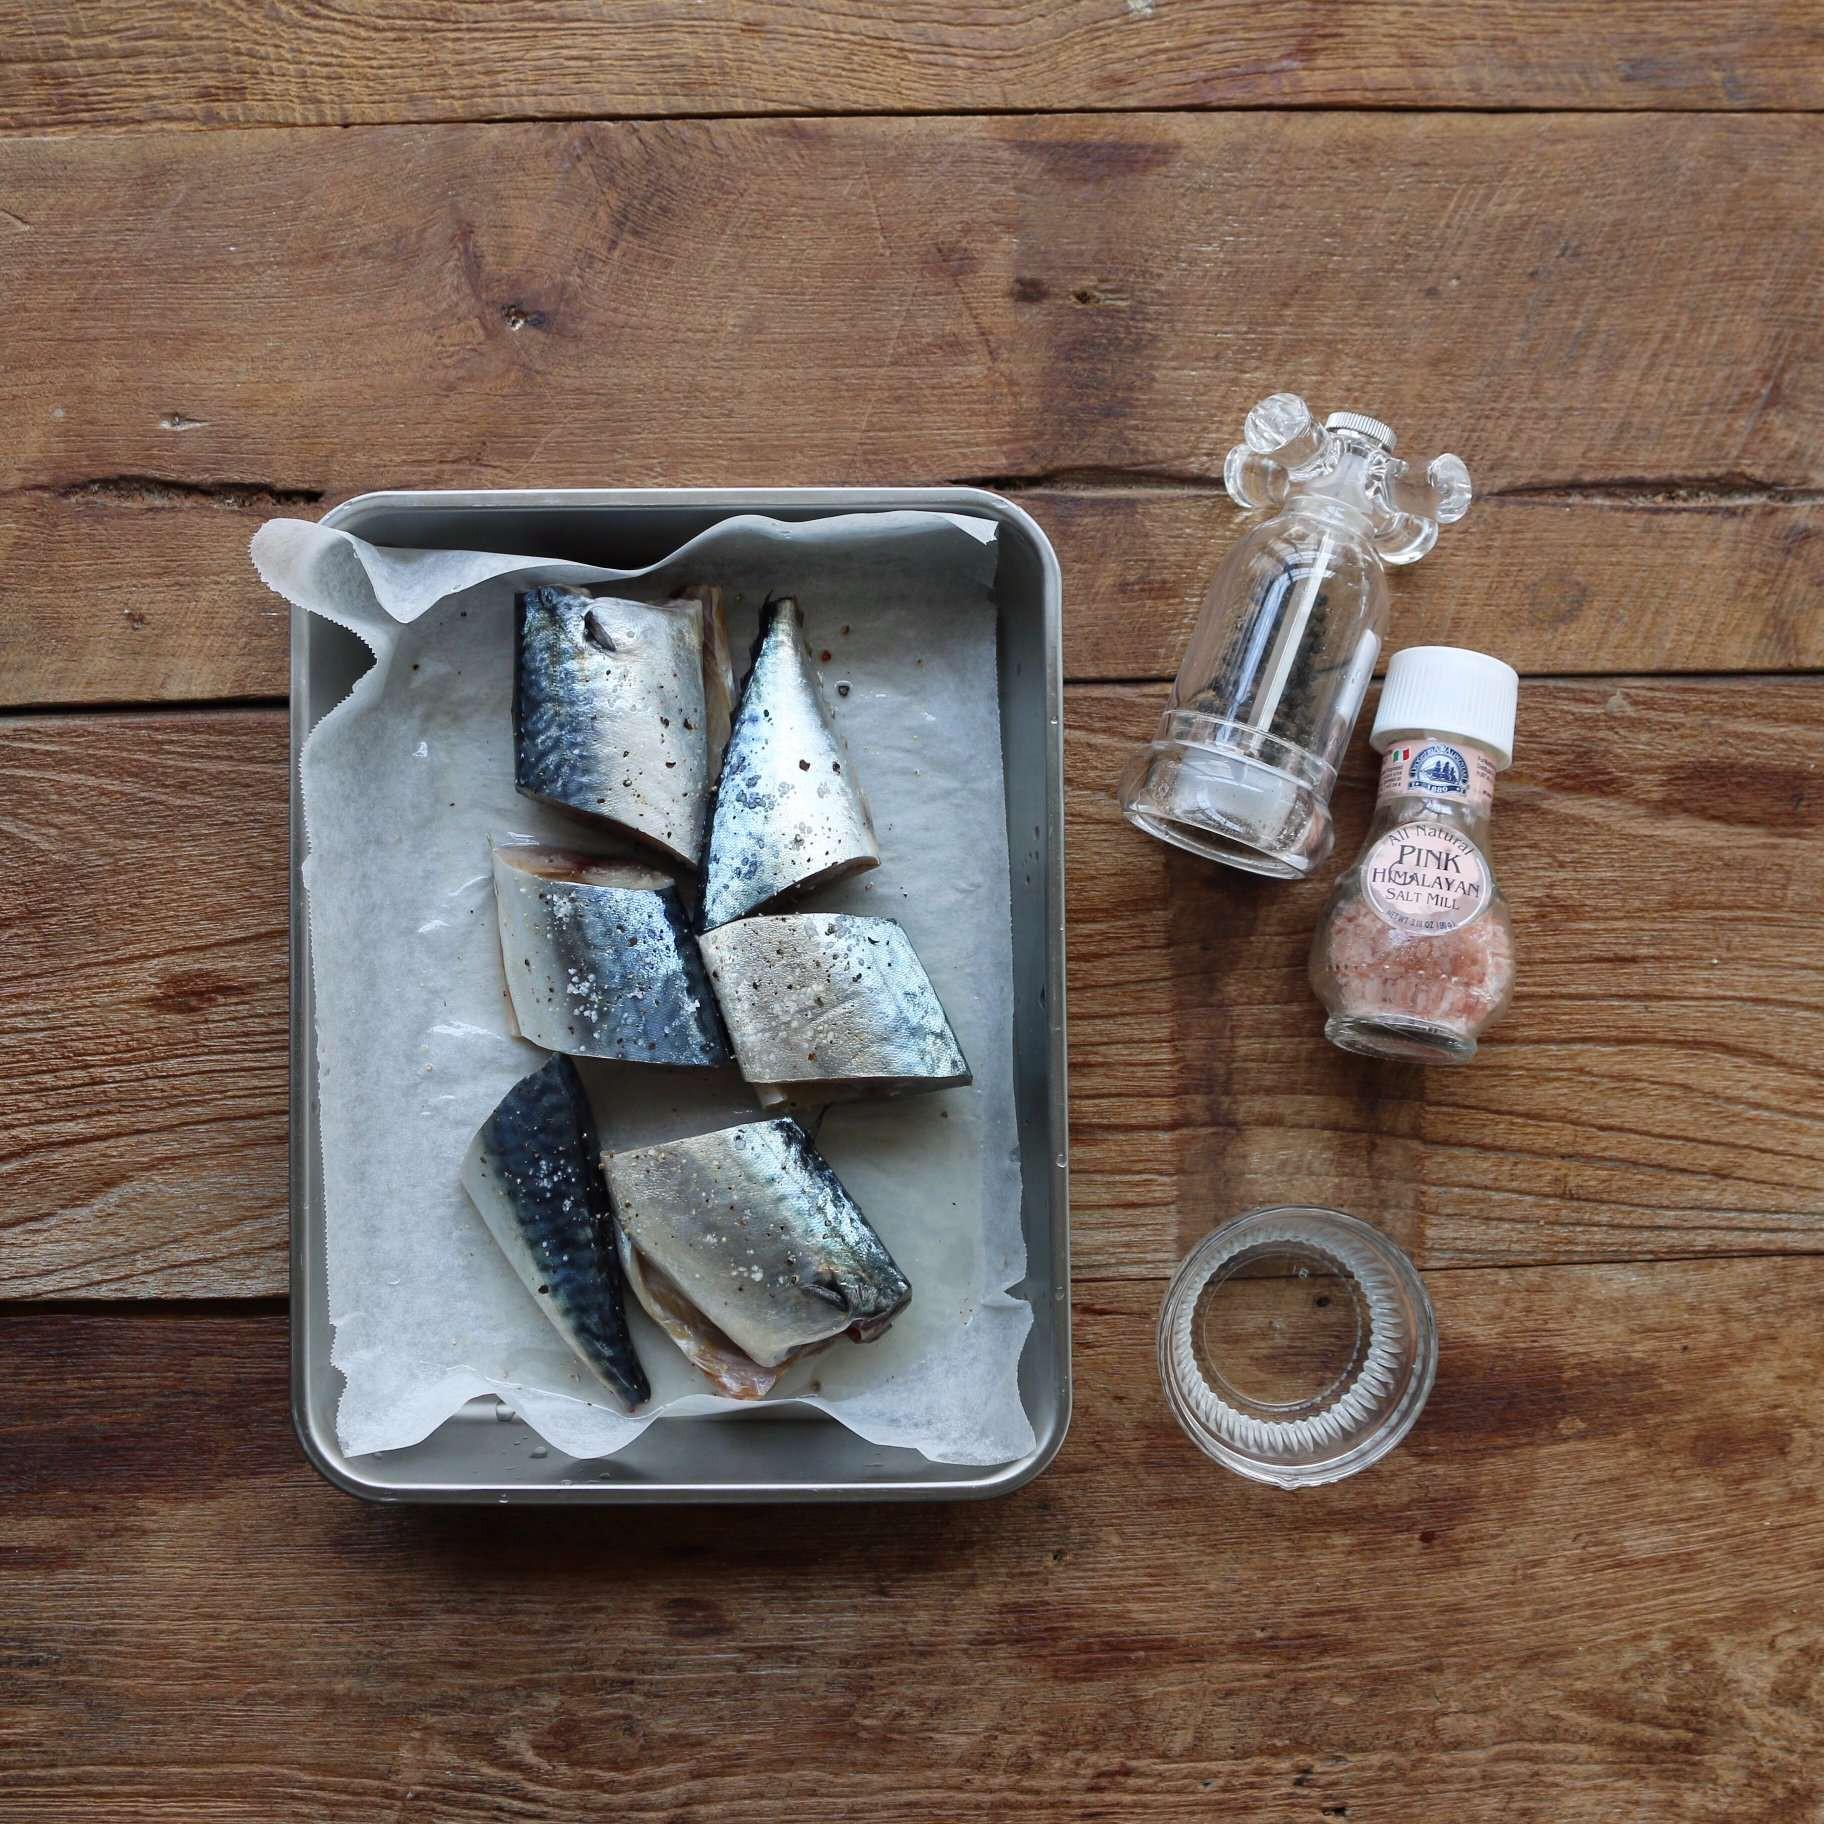 Nguyên liệu này bán đầy siêu thị, cho vào món cá kho thì ngon tuyệt vời - Ảnh 2